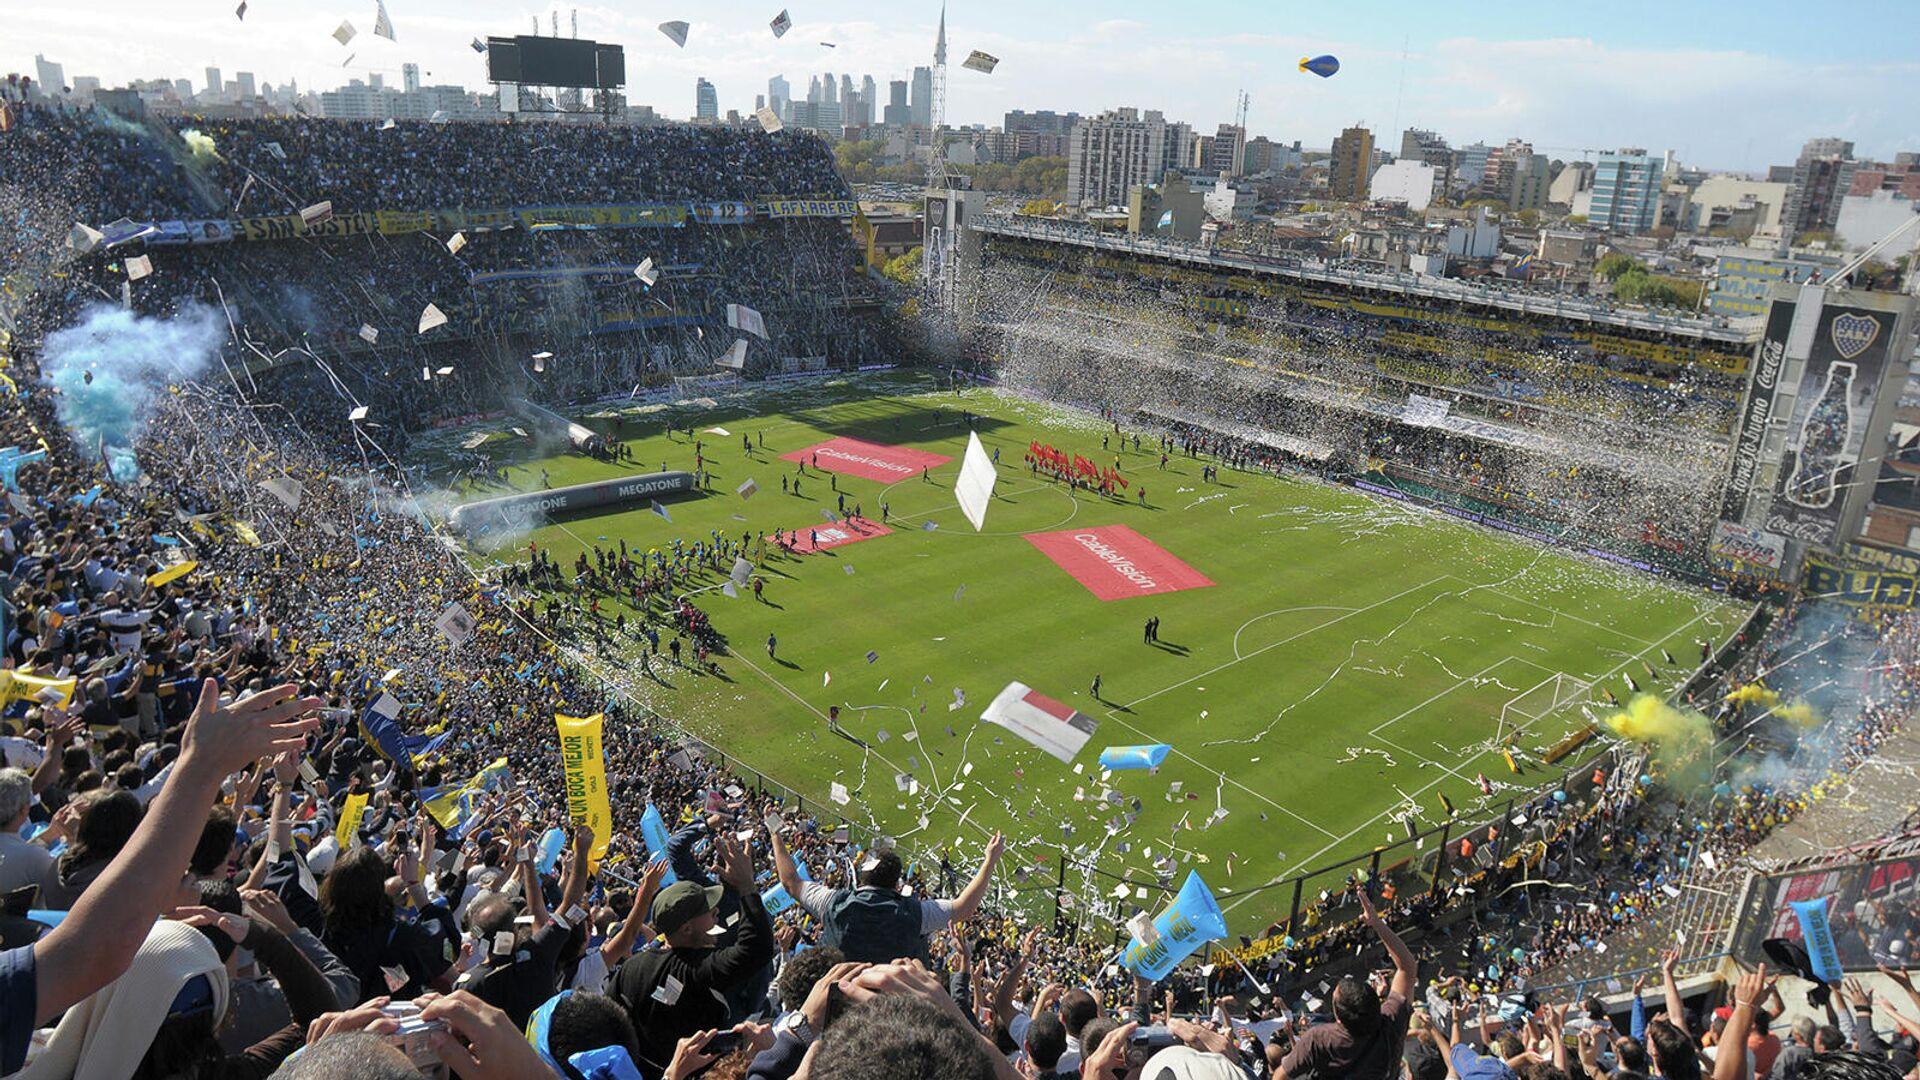 Фанаты Бока Хуниорс аплодируют перед игрой аргентинской футбольной лиги против Ривер Плейт на стадионе Ла Бомбонера (4 мая 2008). Буэнос-Айрес - Sputnik Армения, 1920, 10.10.2021